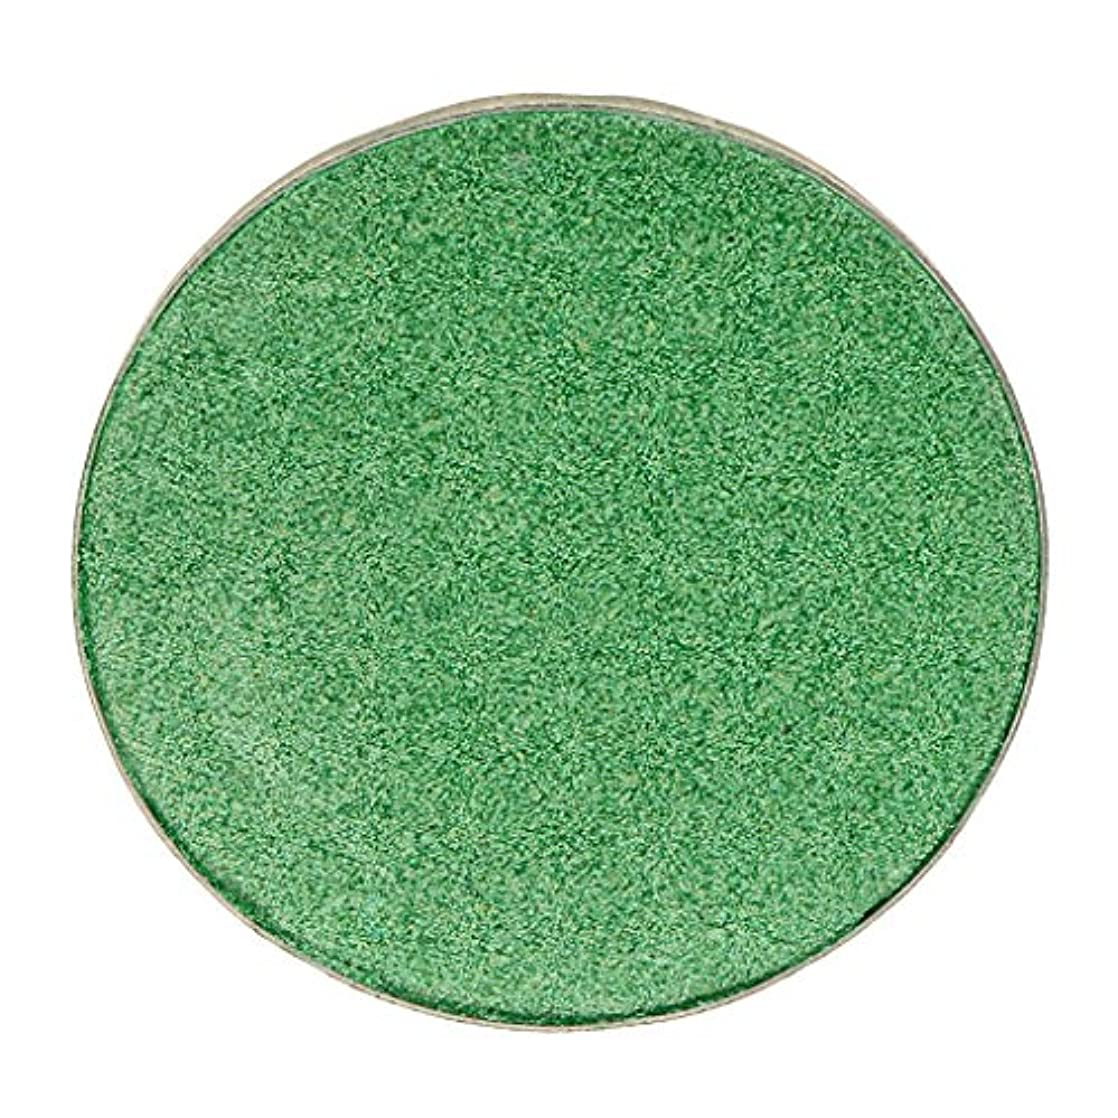 カウンタグリル言及するSONONIA 化粧品用 アイシャドウ ハイライター パレット マット シマー アイシャドーメイク 結婚式 パーティー 全5色 - #38グリーン